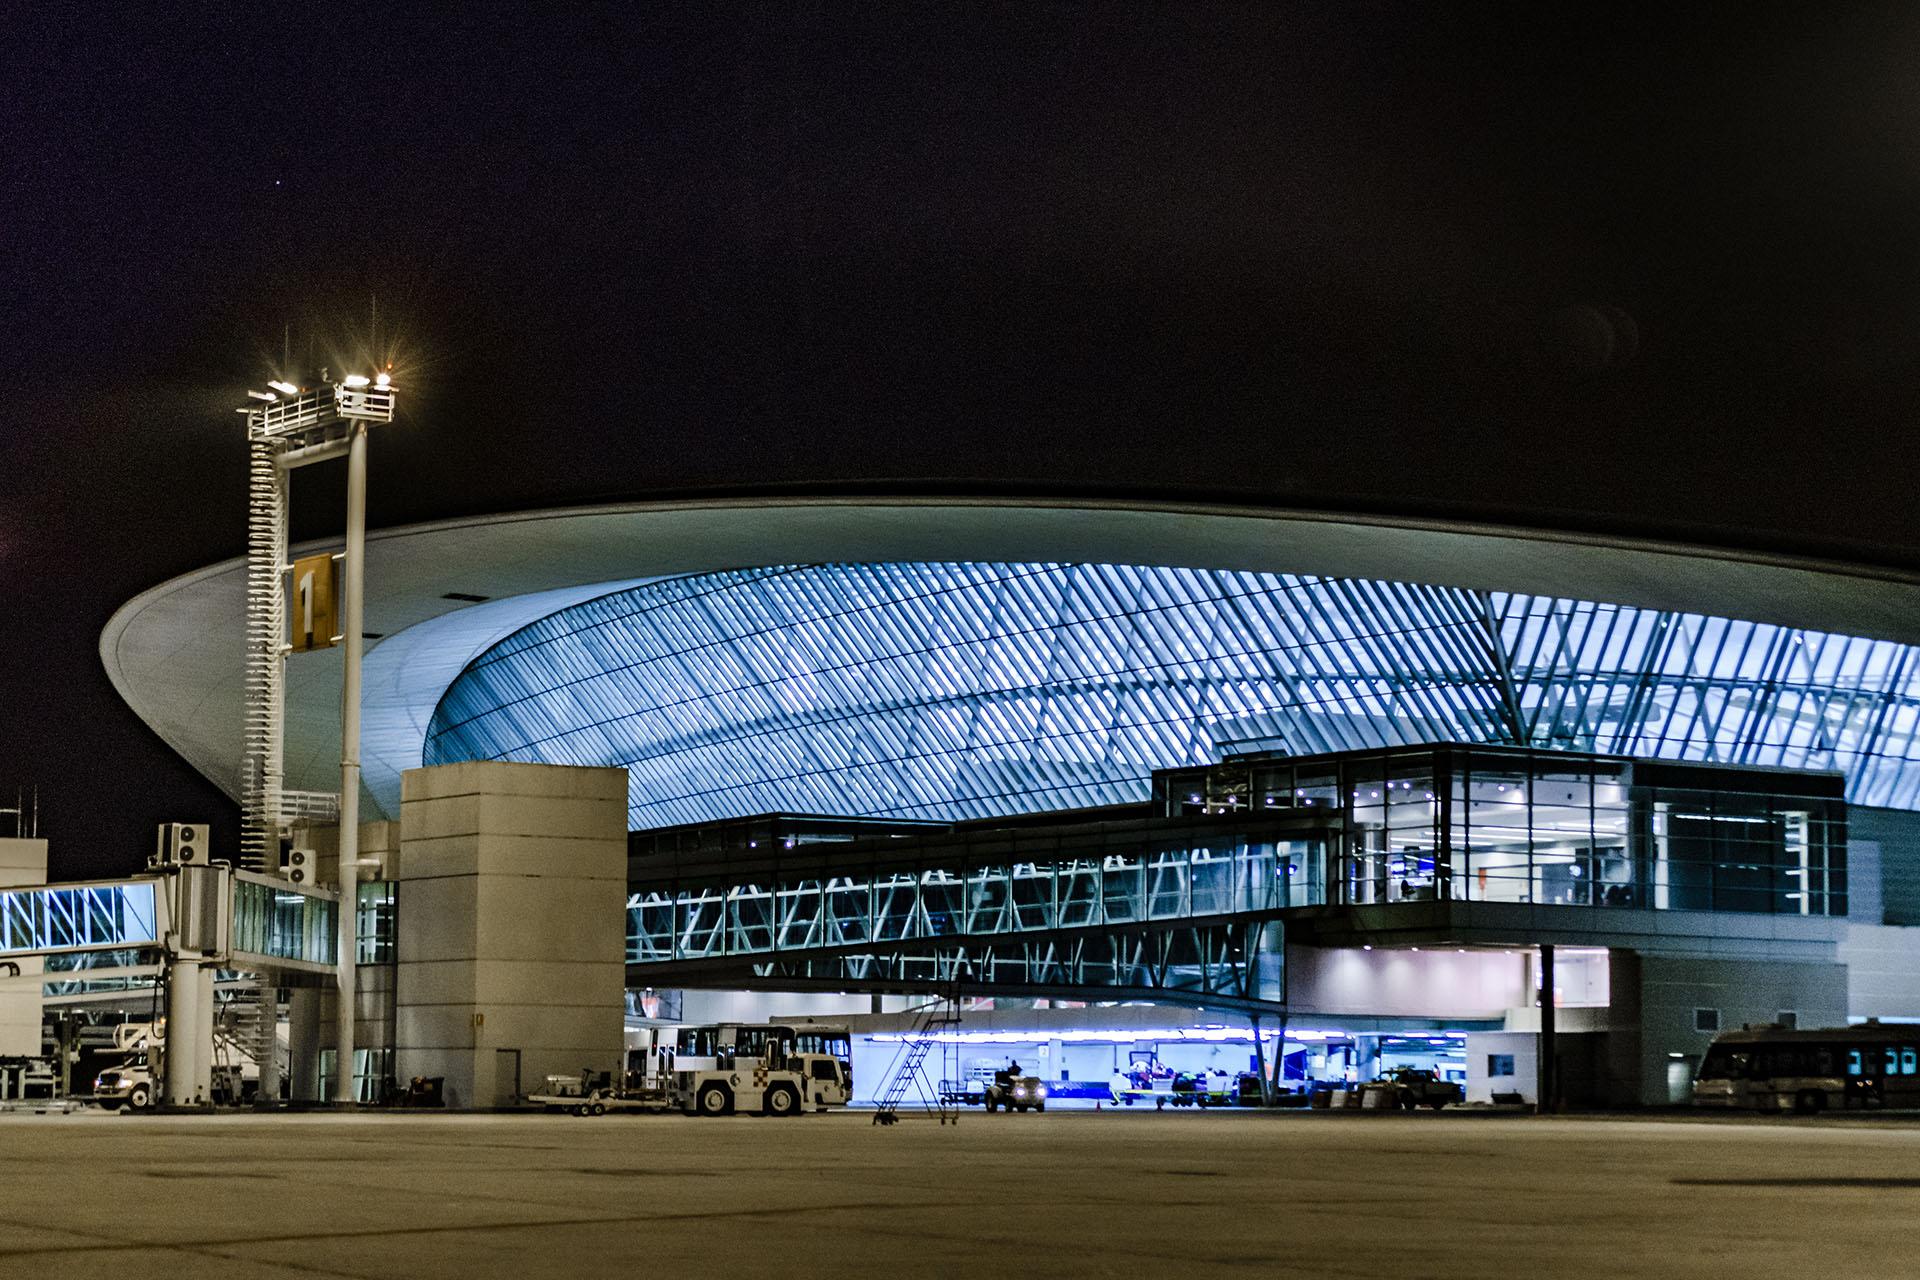 La nueva terminal del Aeropuerto Internacional de Carrasco, también conocido como Aeropuerto Internacional General Cesáreo L. Berisso en Montevideo, Uruguay, fue diseñada por el arquitecto Rafael Vinoly